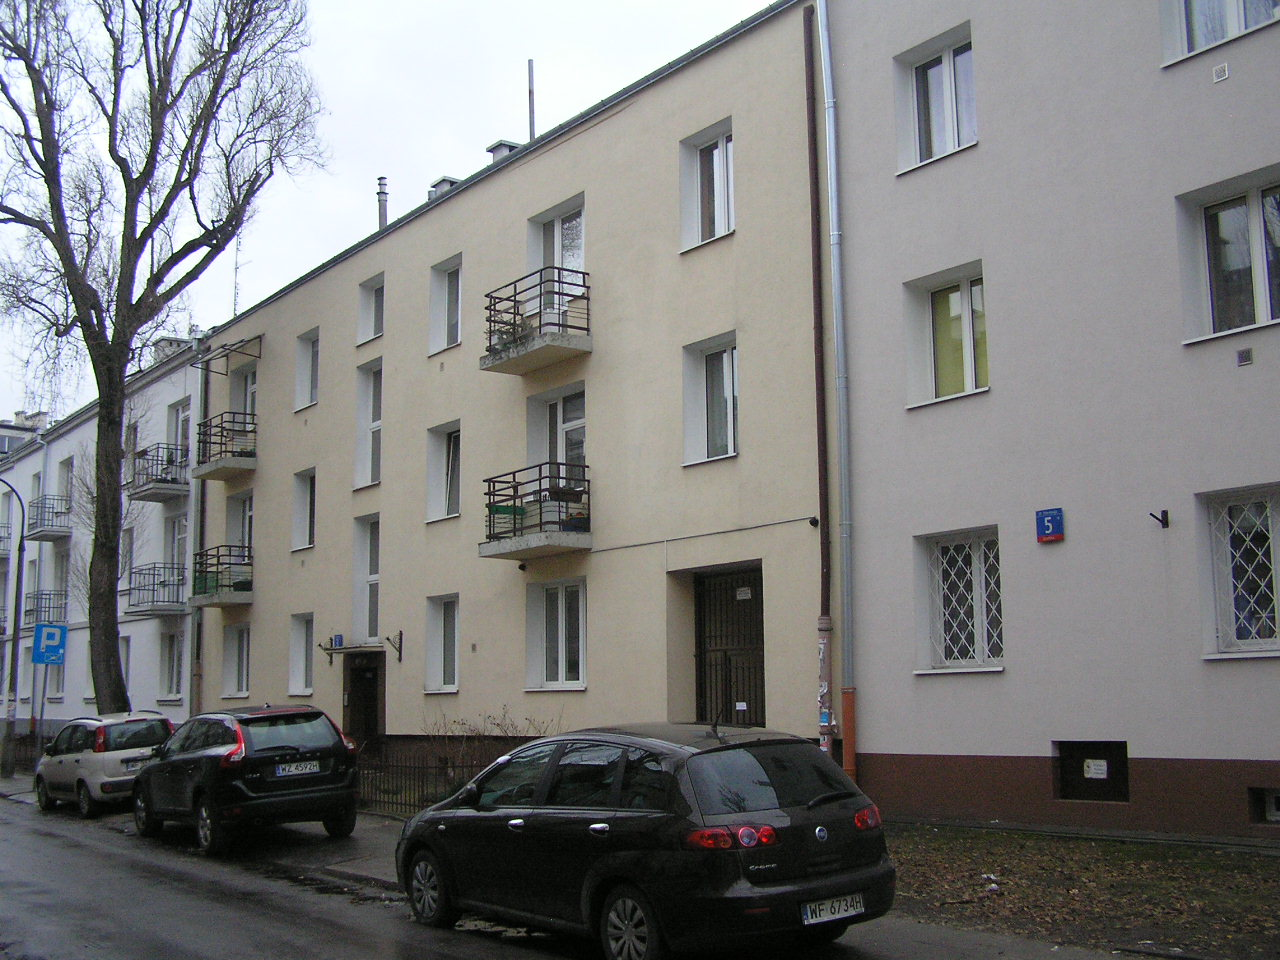 Kamienica przy ulicy Dobrowoja 3 na Grochowie